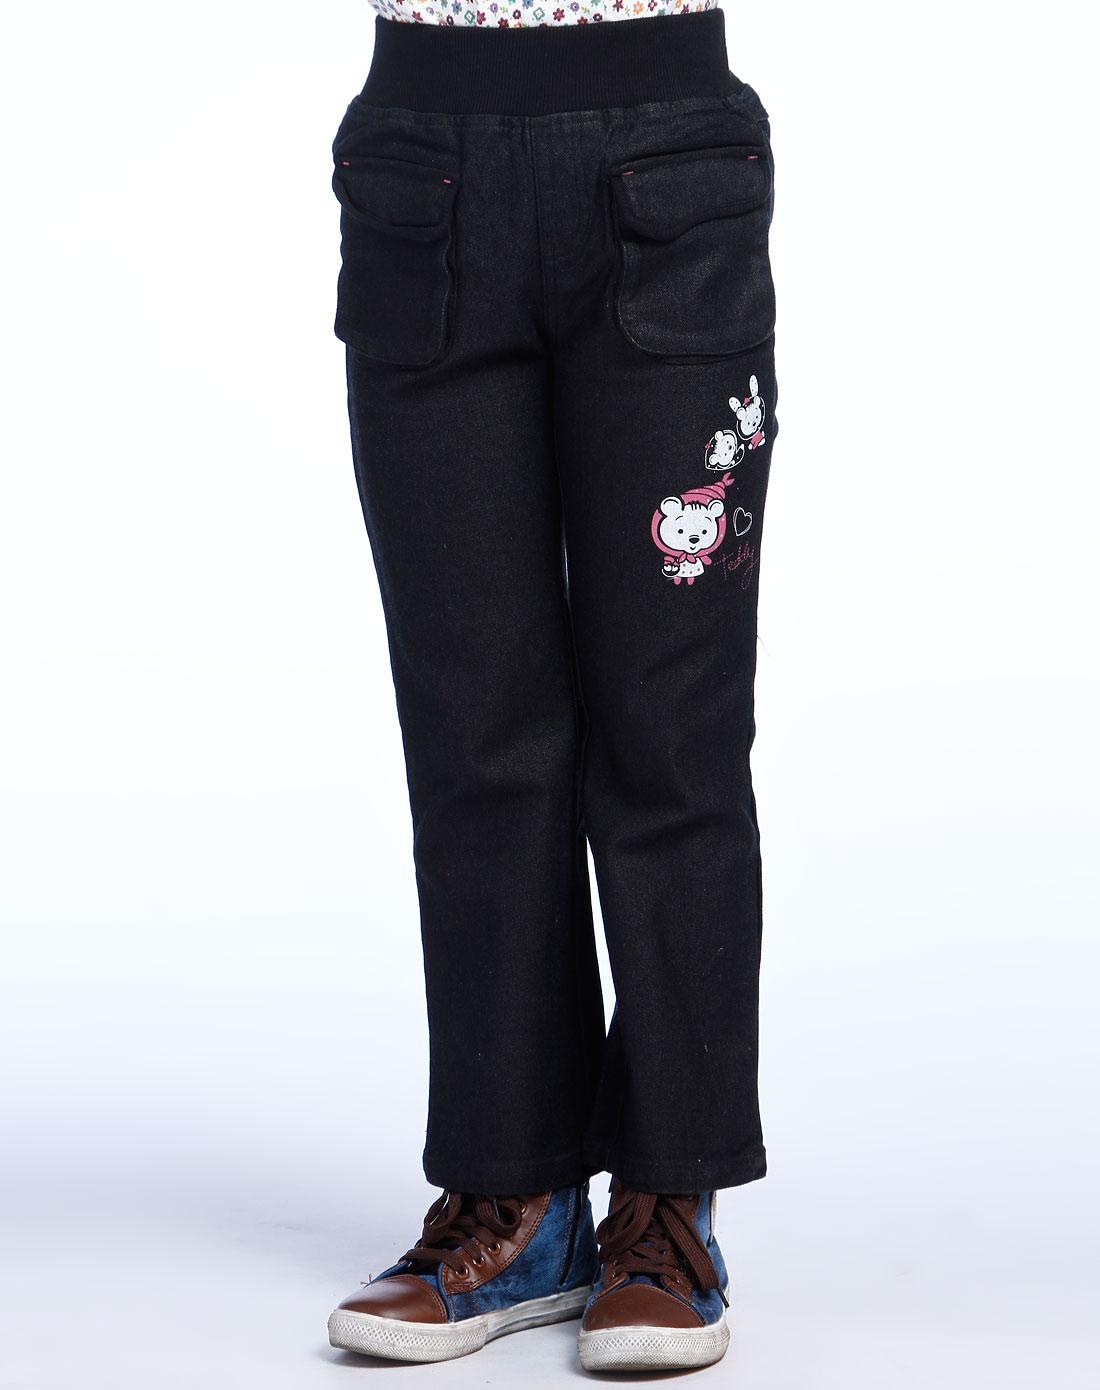 米斯维尼女童黑色裤子fgqs05035-84